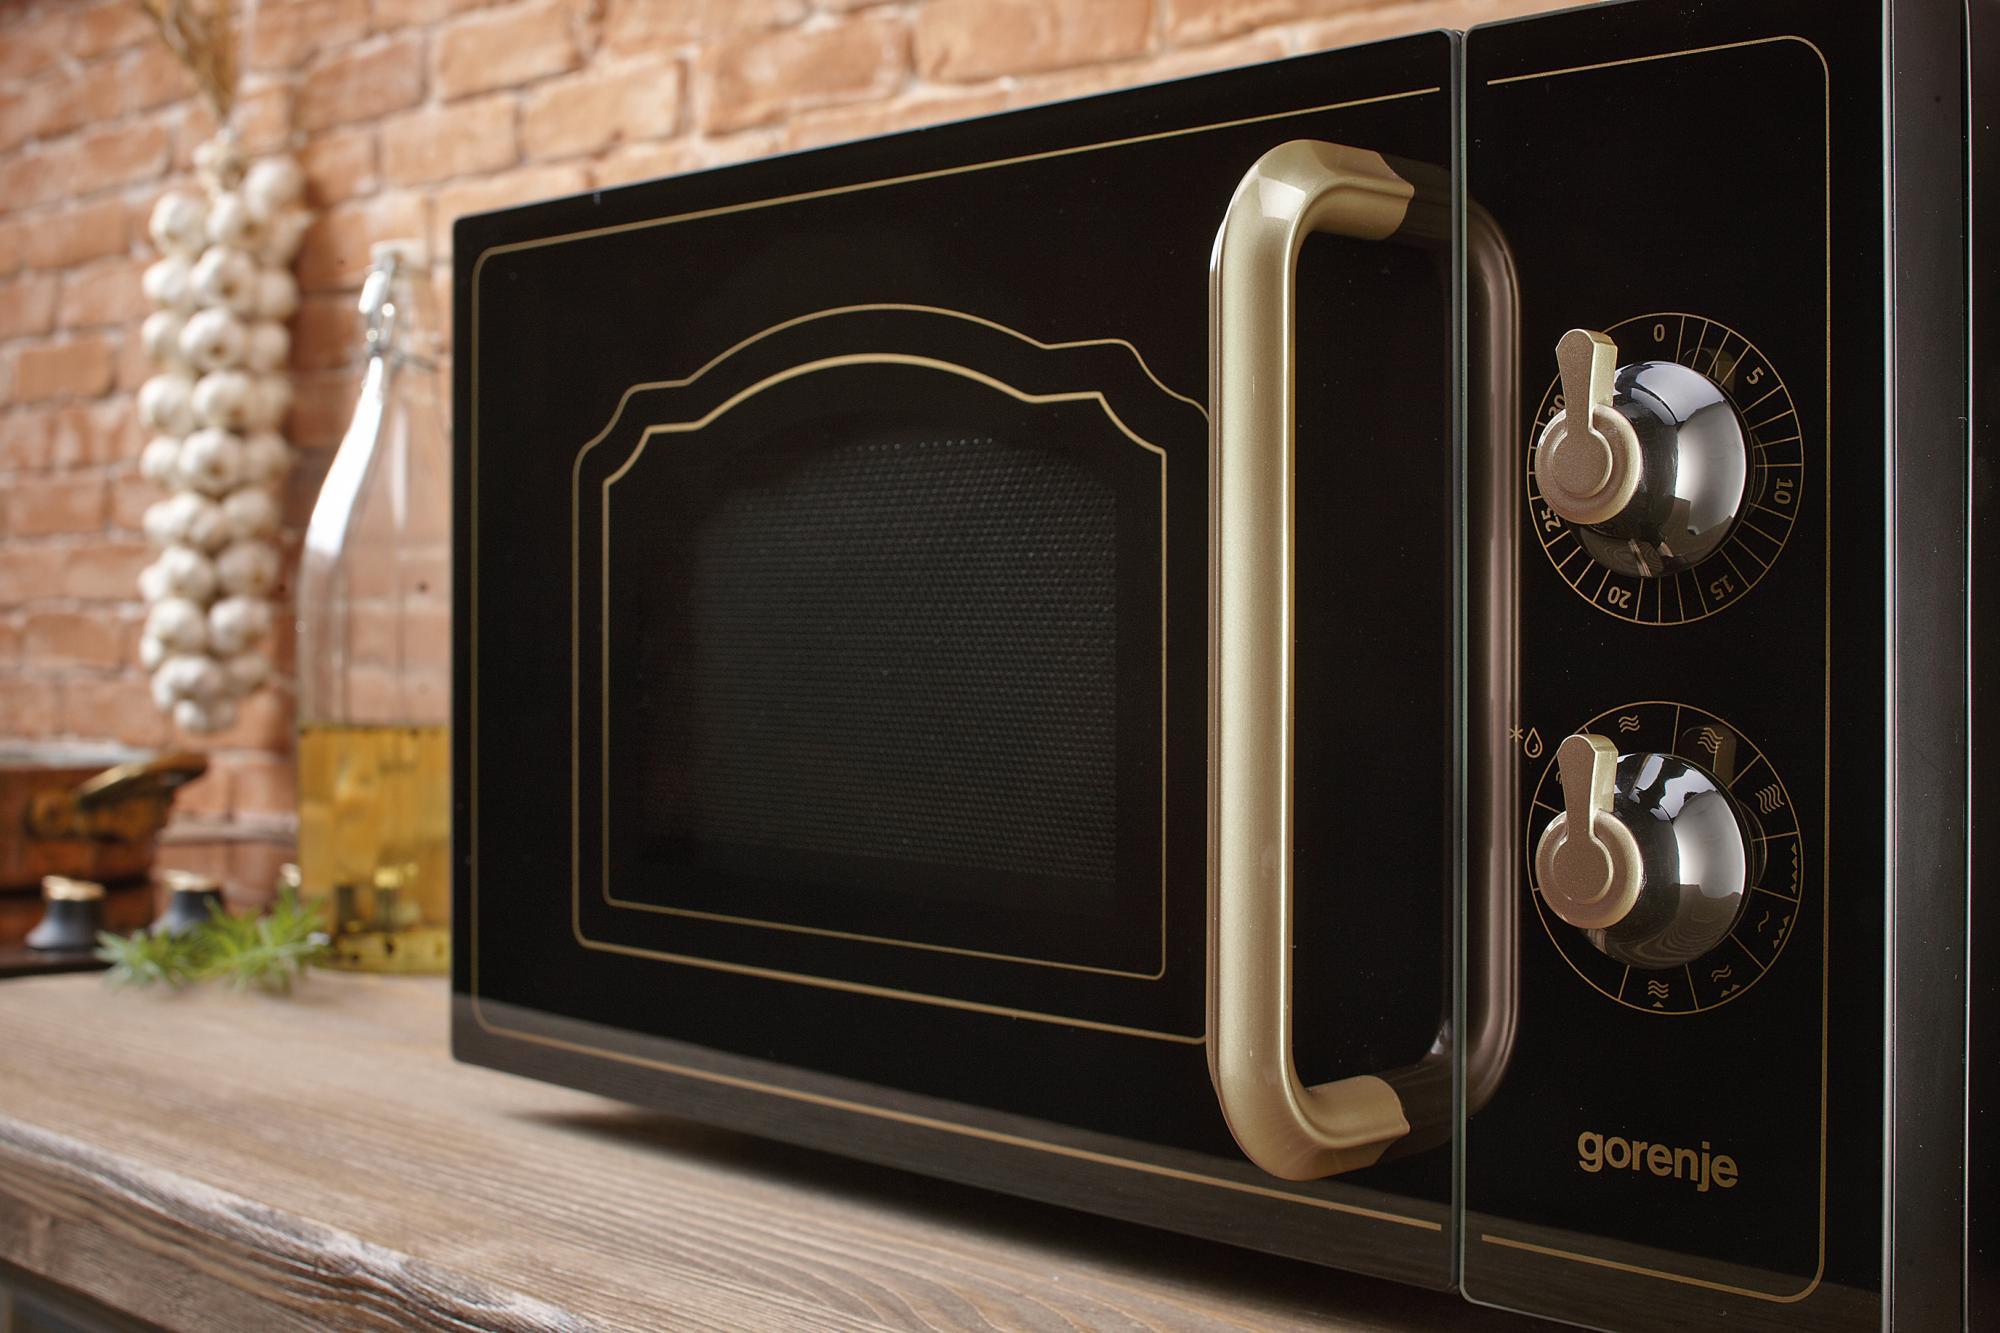 Microwave986252832